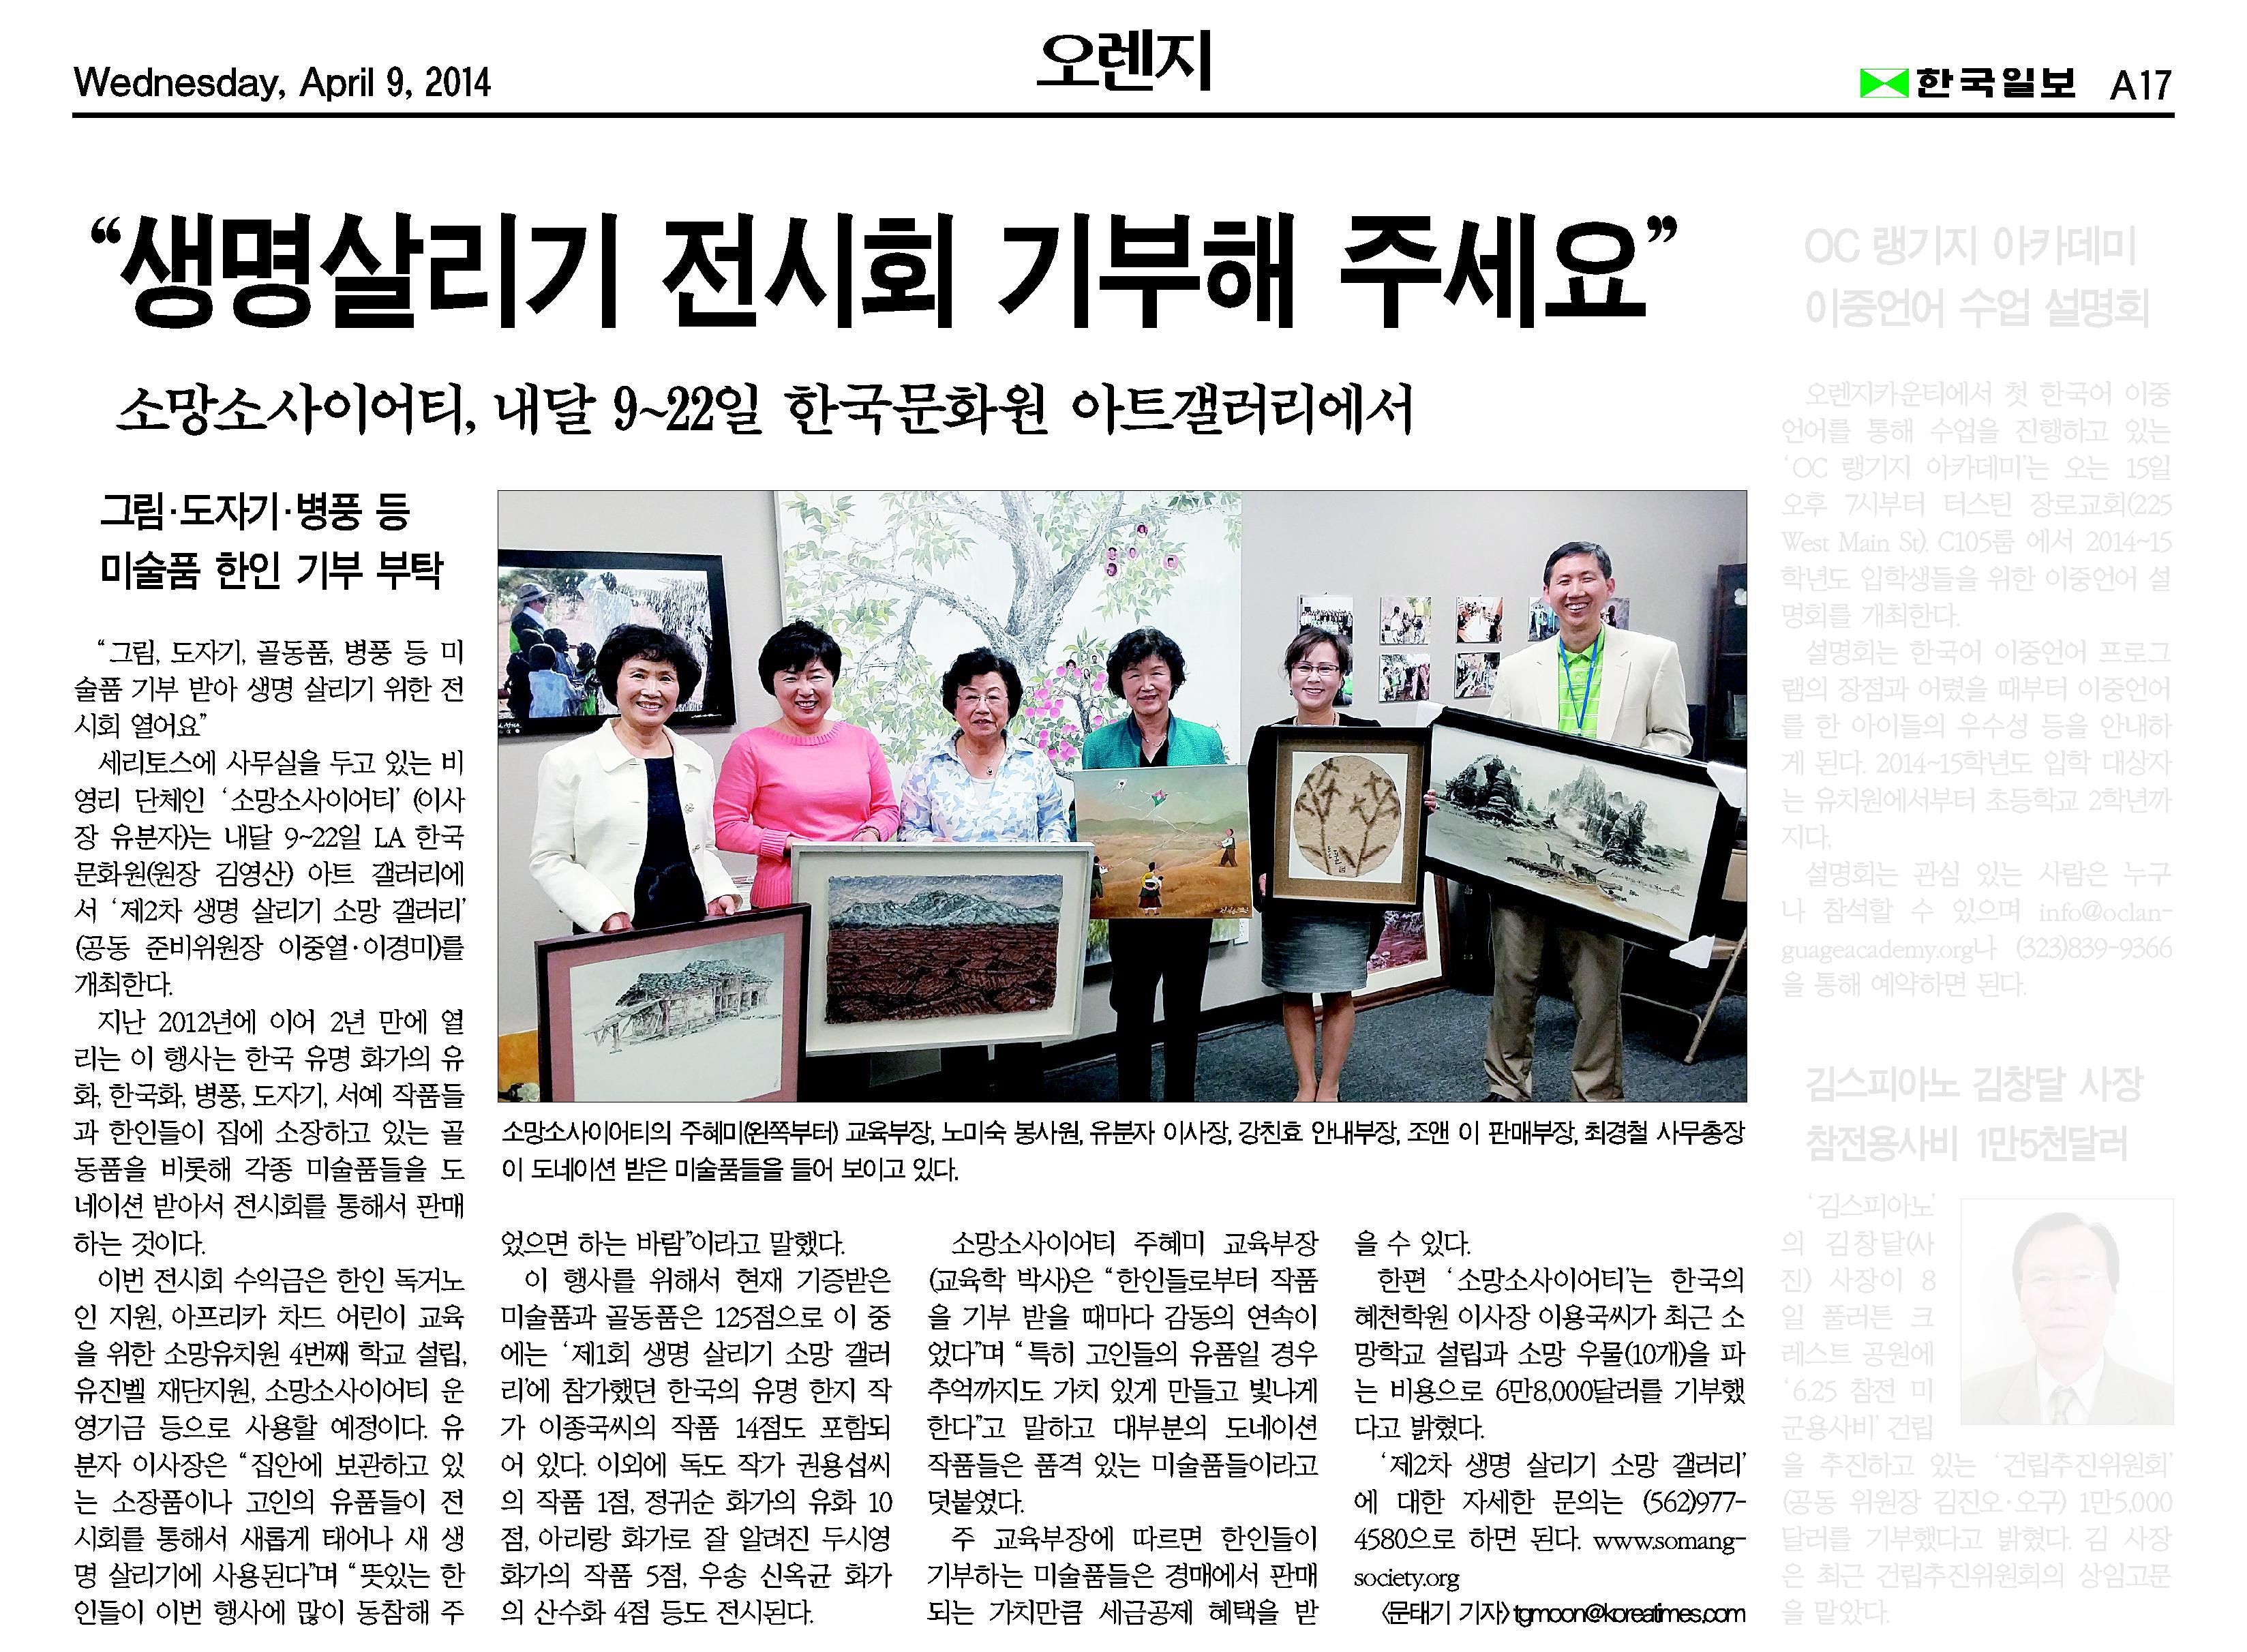 """""""생명살리기 전시회 기부해주세요"""" 2014년 4월 9일 한국일보"""